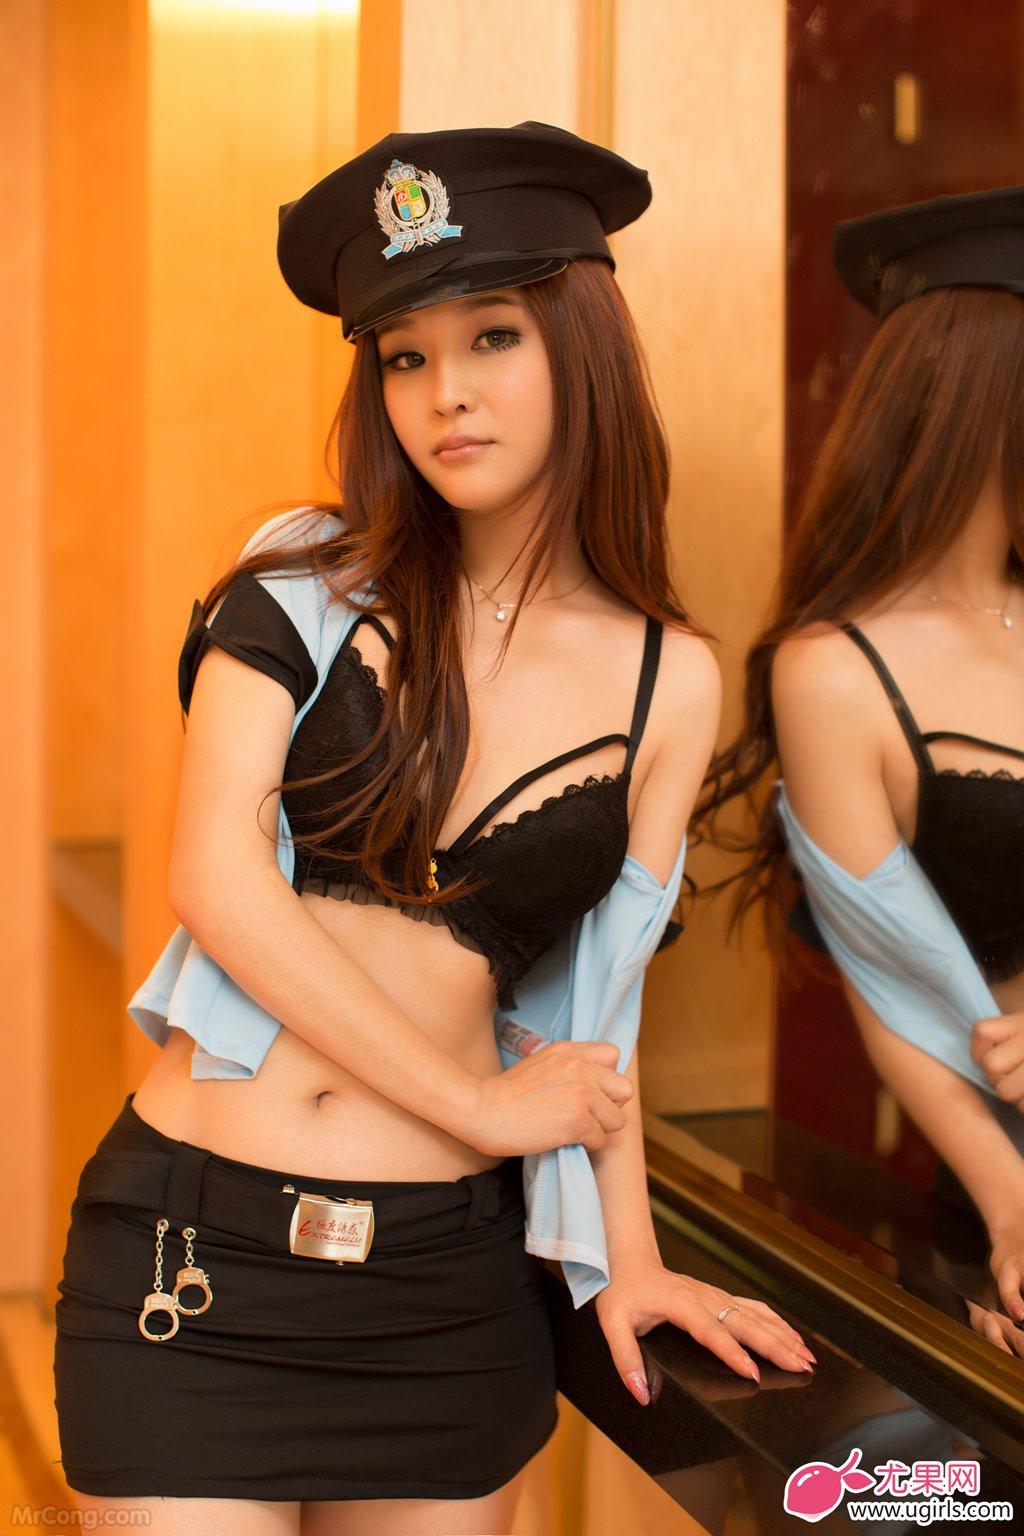 Image MrCong.com-UGIRLS-015-Chun-Xiao-Xi-006 in post Người đẹp Chun Xiao Xi (纯小希) siêu nóng bỏng trong bộ ảnh UGIRLS 015